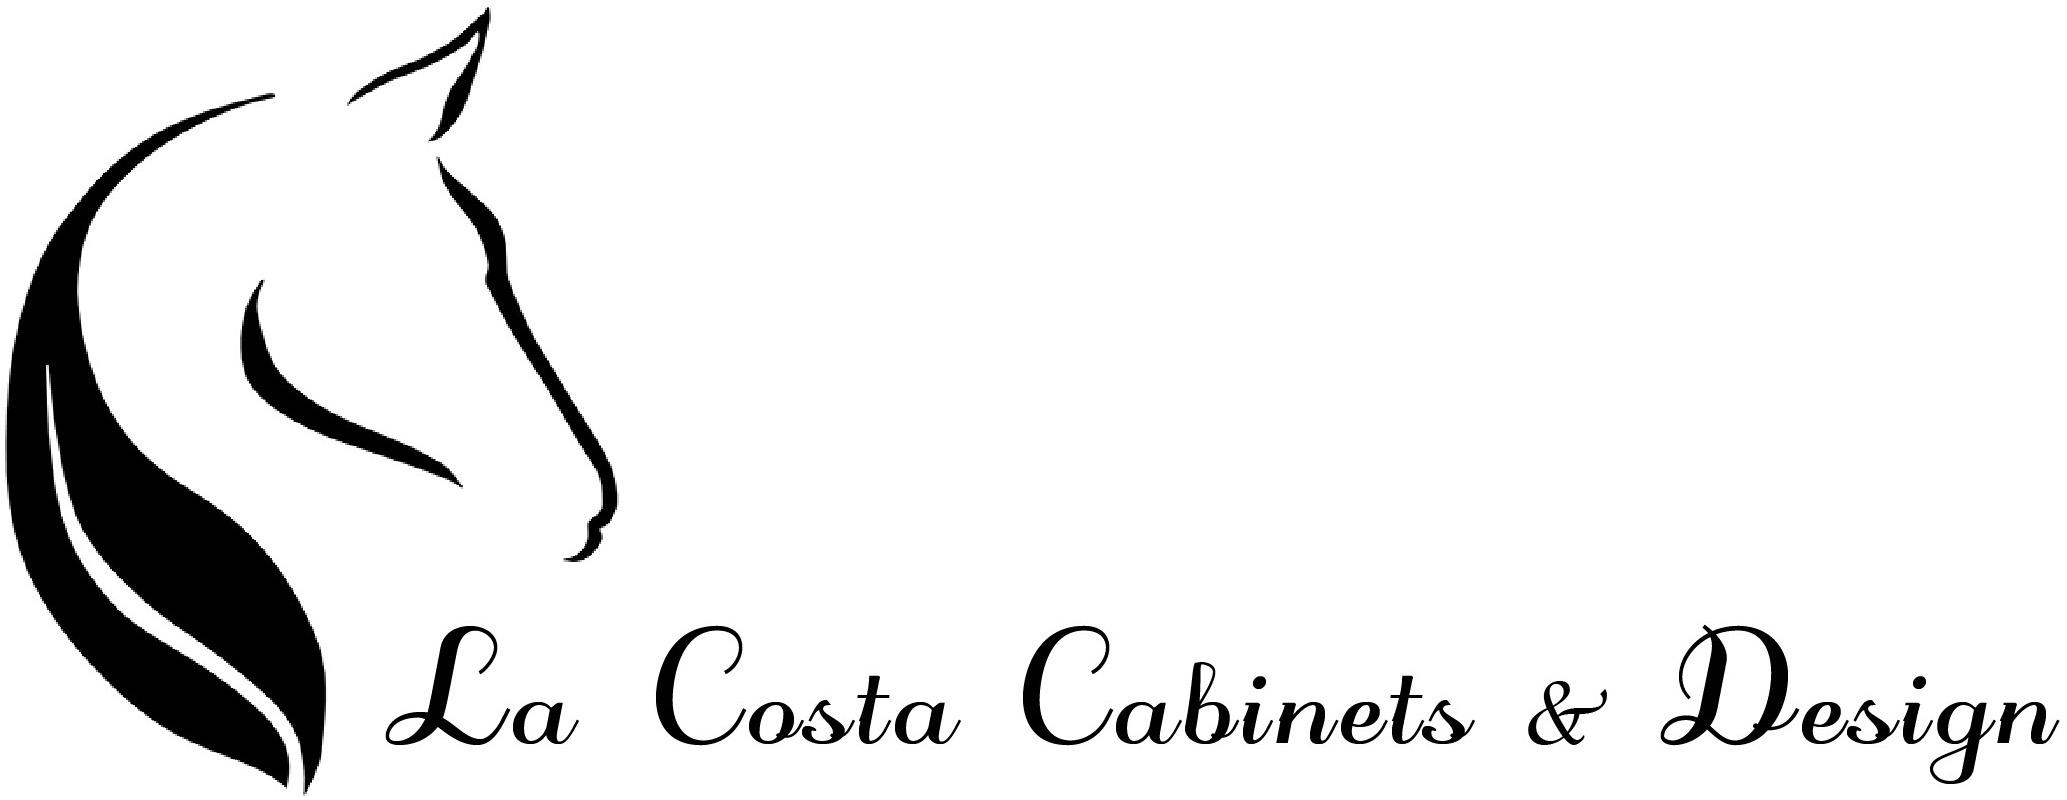 La Costa Cabinets & Design - Encinitas, CA - Kitchen & Bath Designers